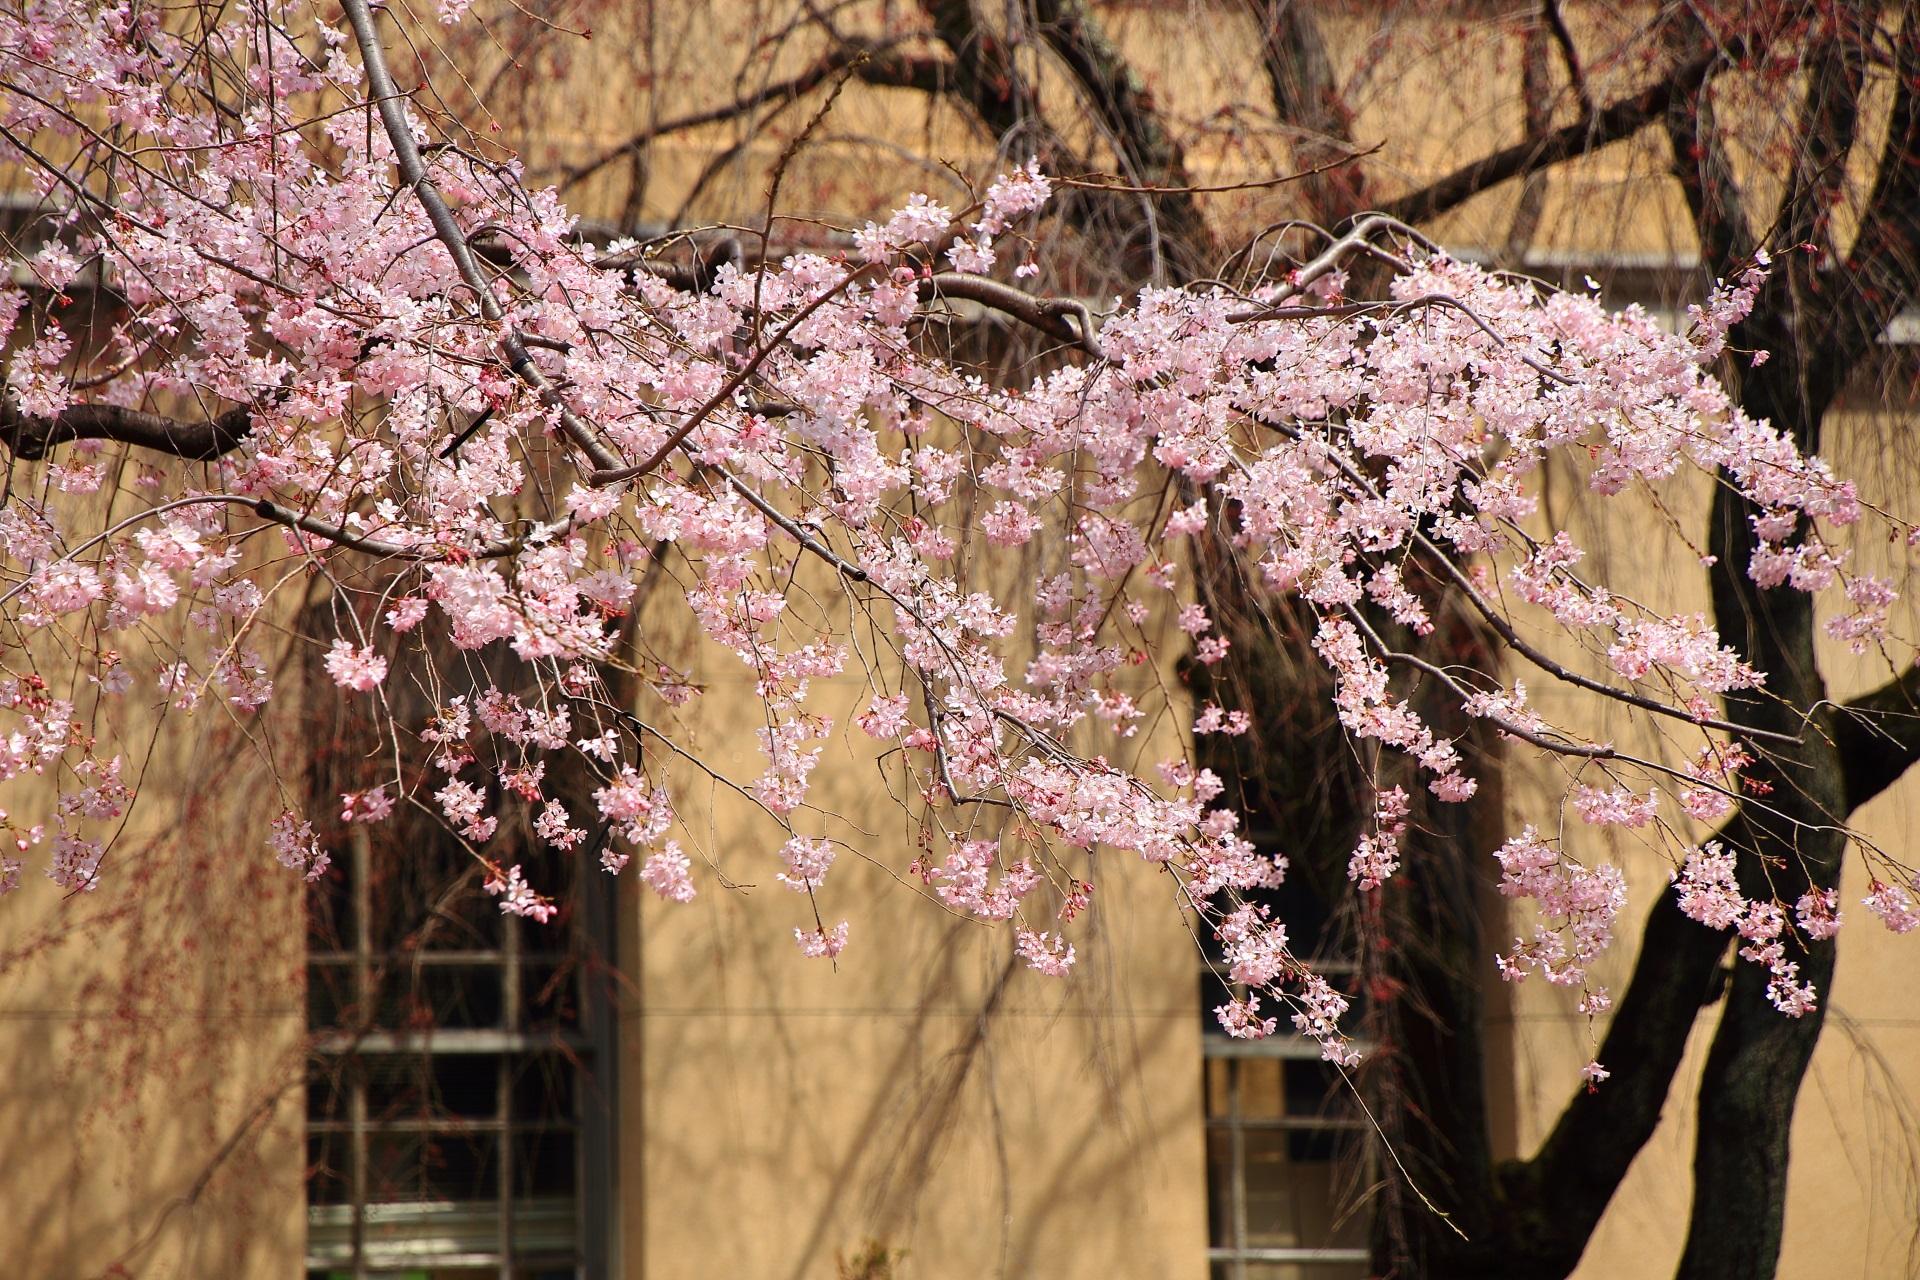 多少光は差す何となく欧州風の桜